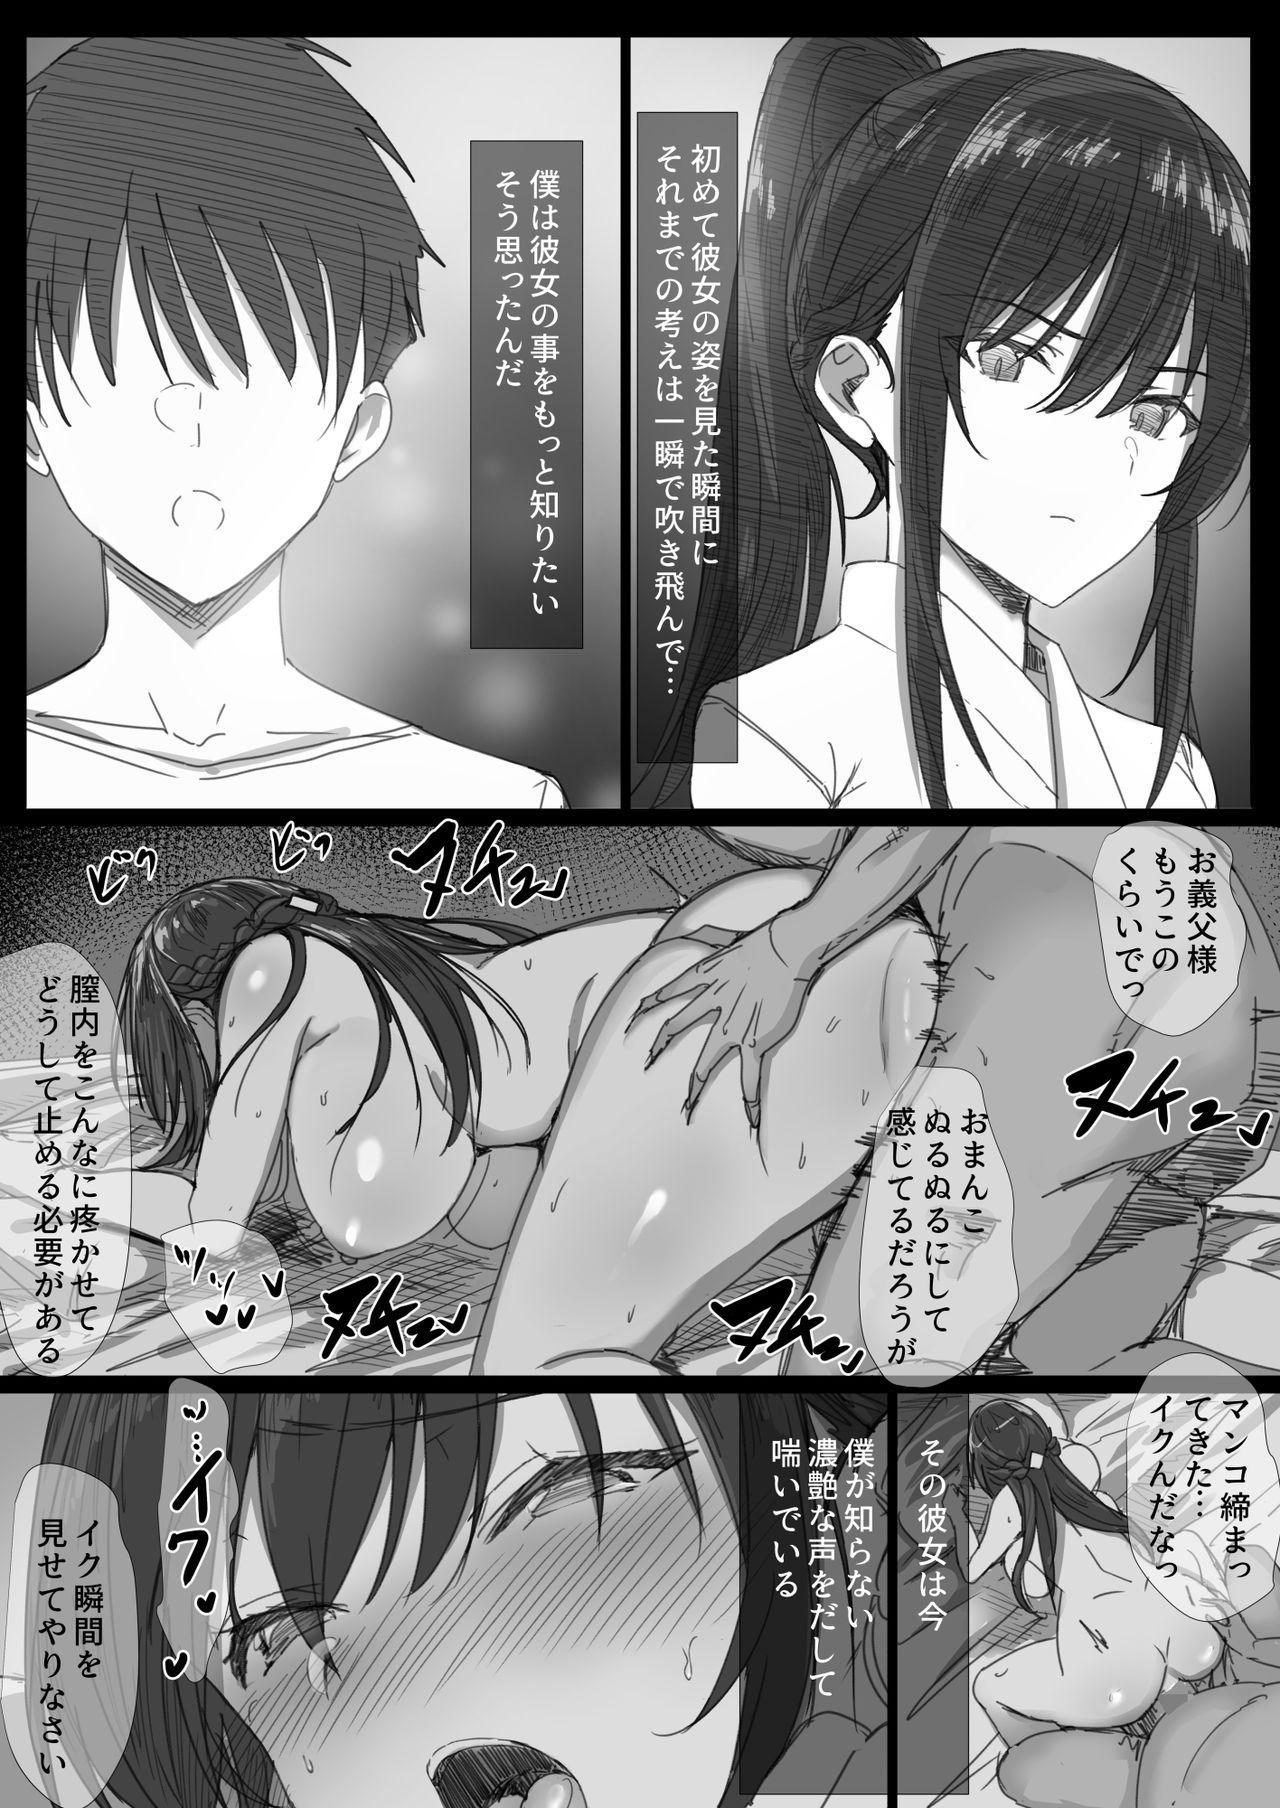 Ki ga Tsuyoi Seiso na Hitozuma Reijou ga Netorareru made no Ichibu Shijuu 53